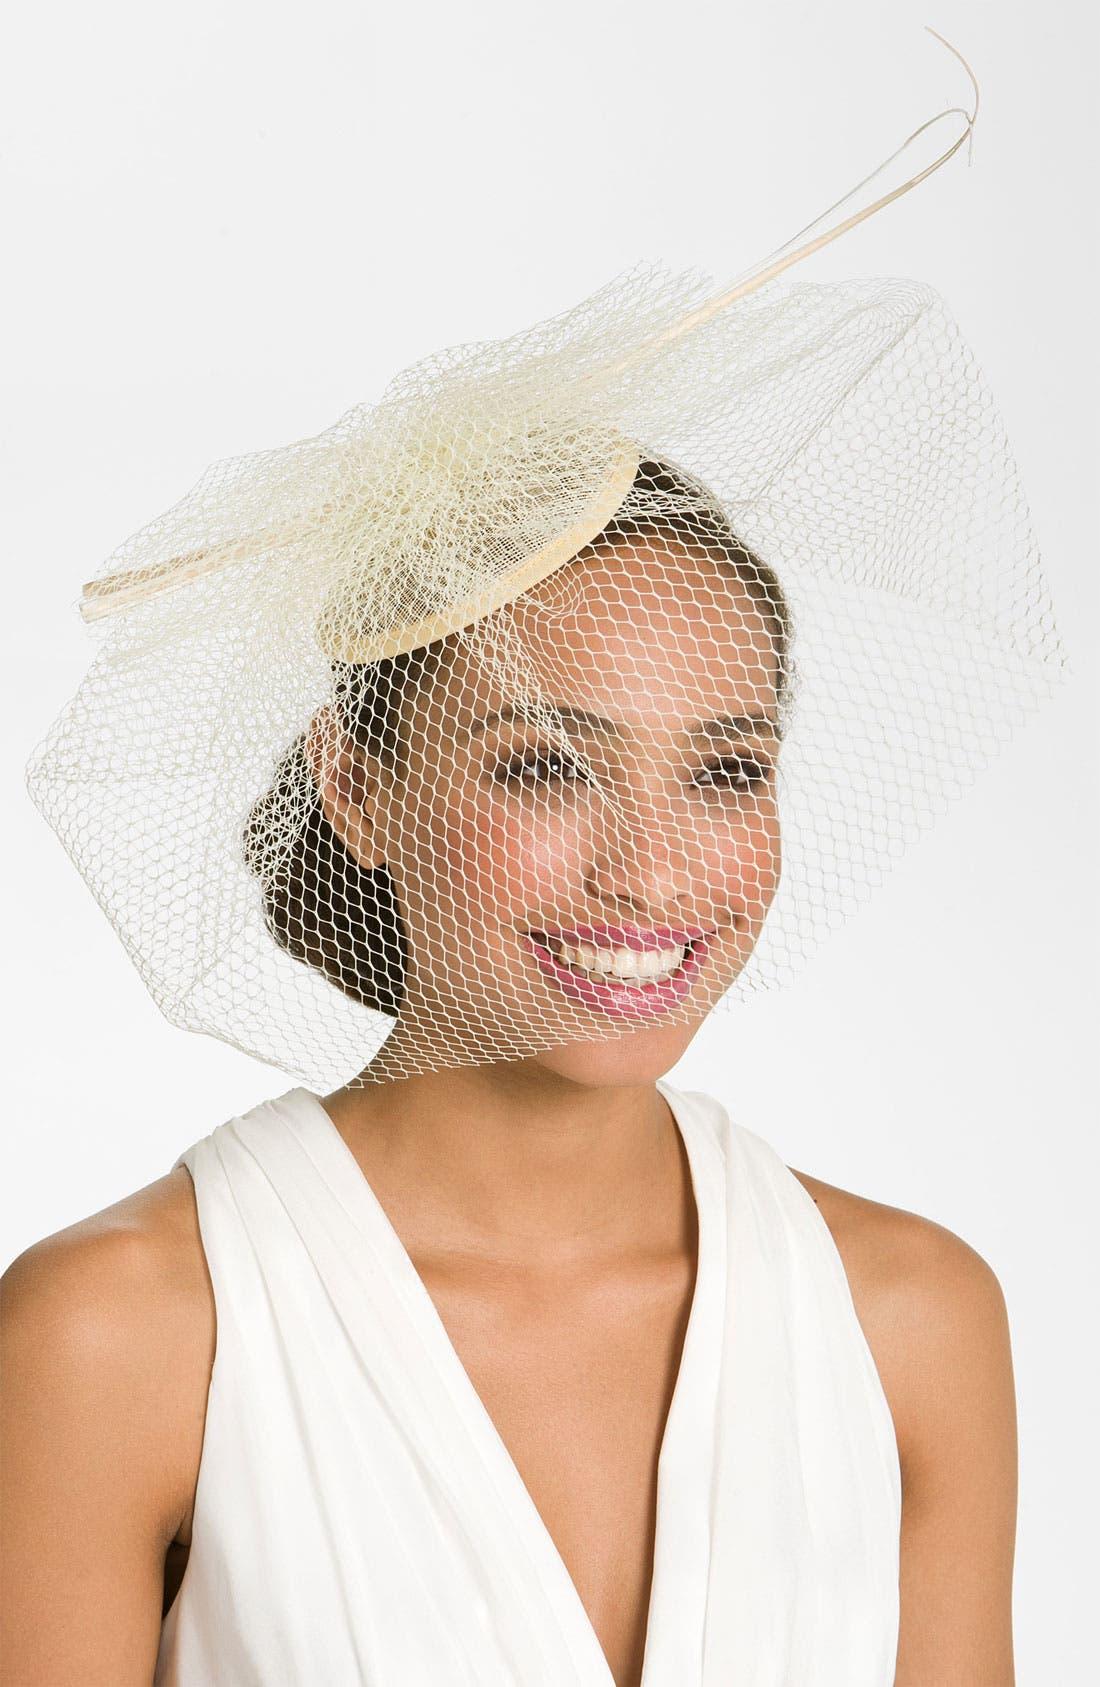 Alternate Image 1 Selected - Tasha 'Fabulous Fascinator' Headband